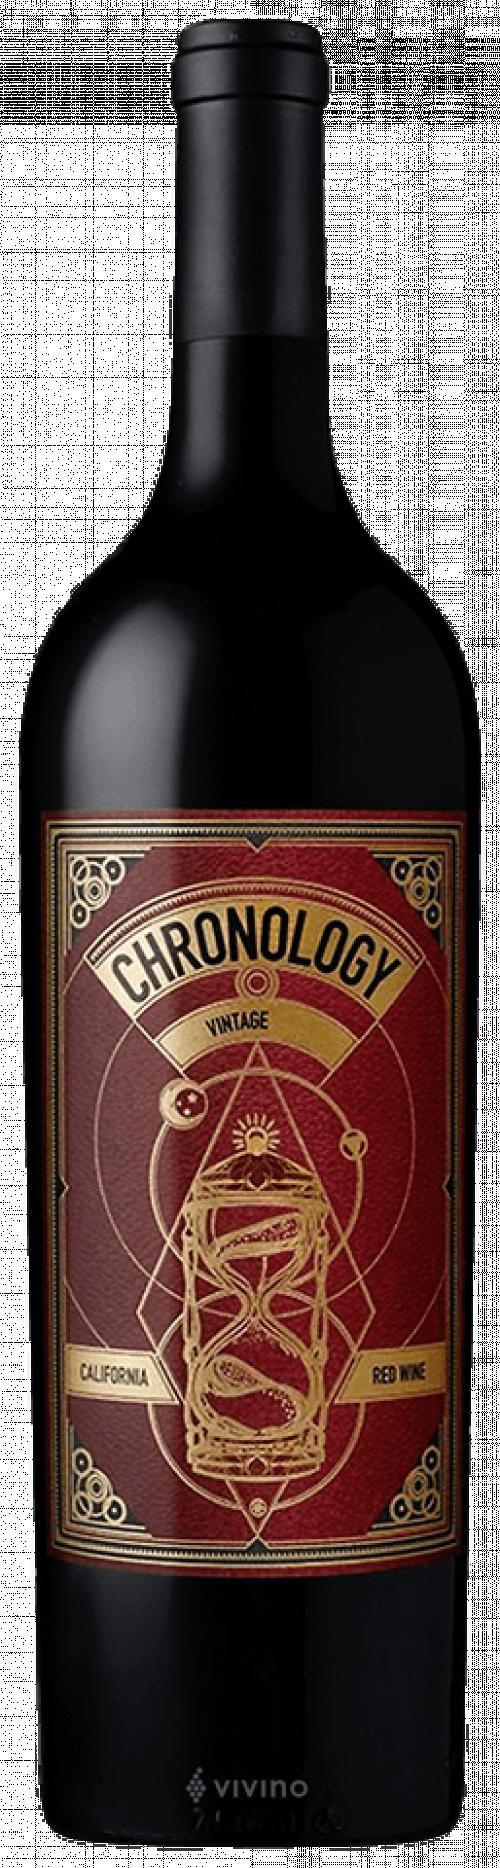 2018 Secret Indulgence Chronology Red Wine 750ml